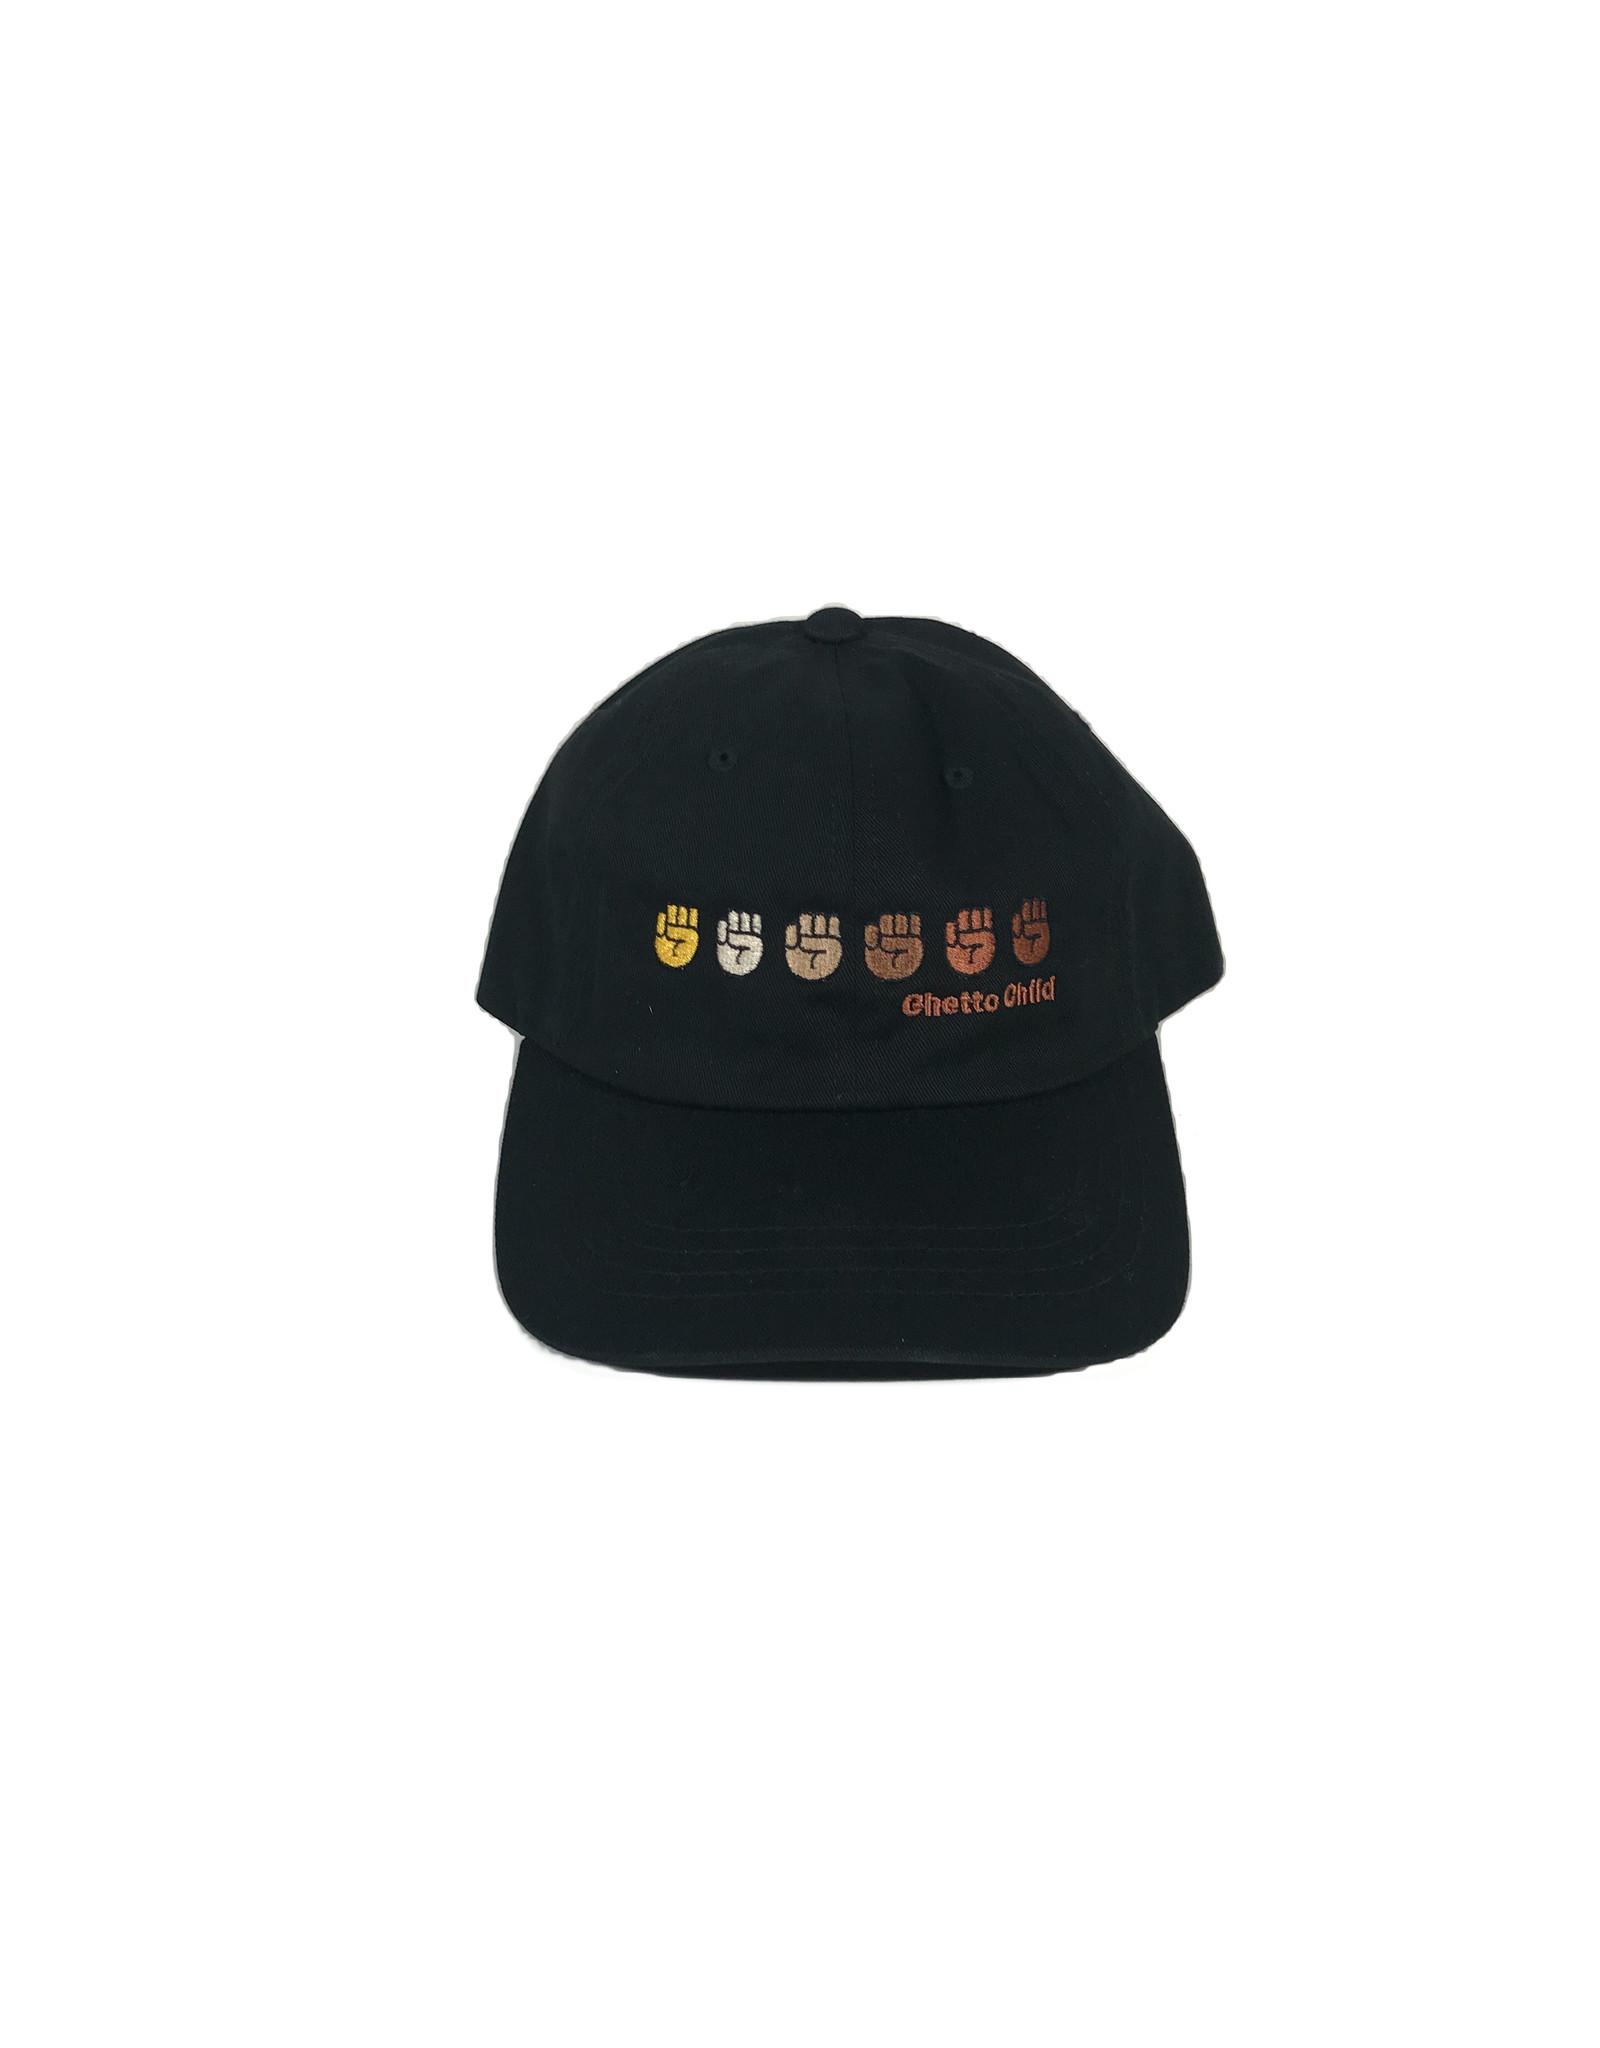 GHETTO CHILD GHETTO CHILD UNITY DAD HAT - BLACK